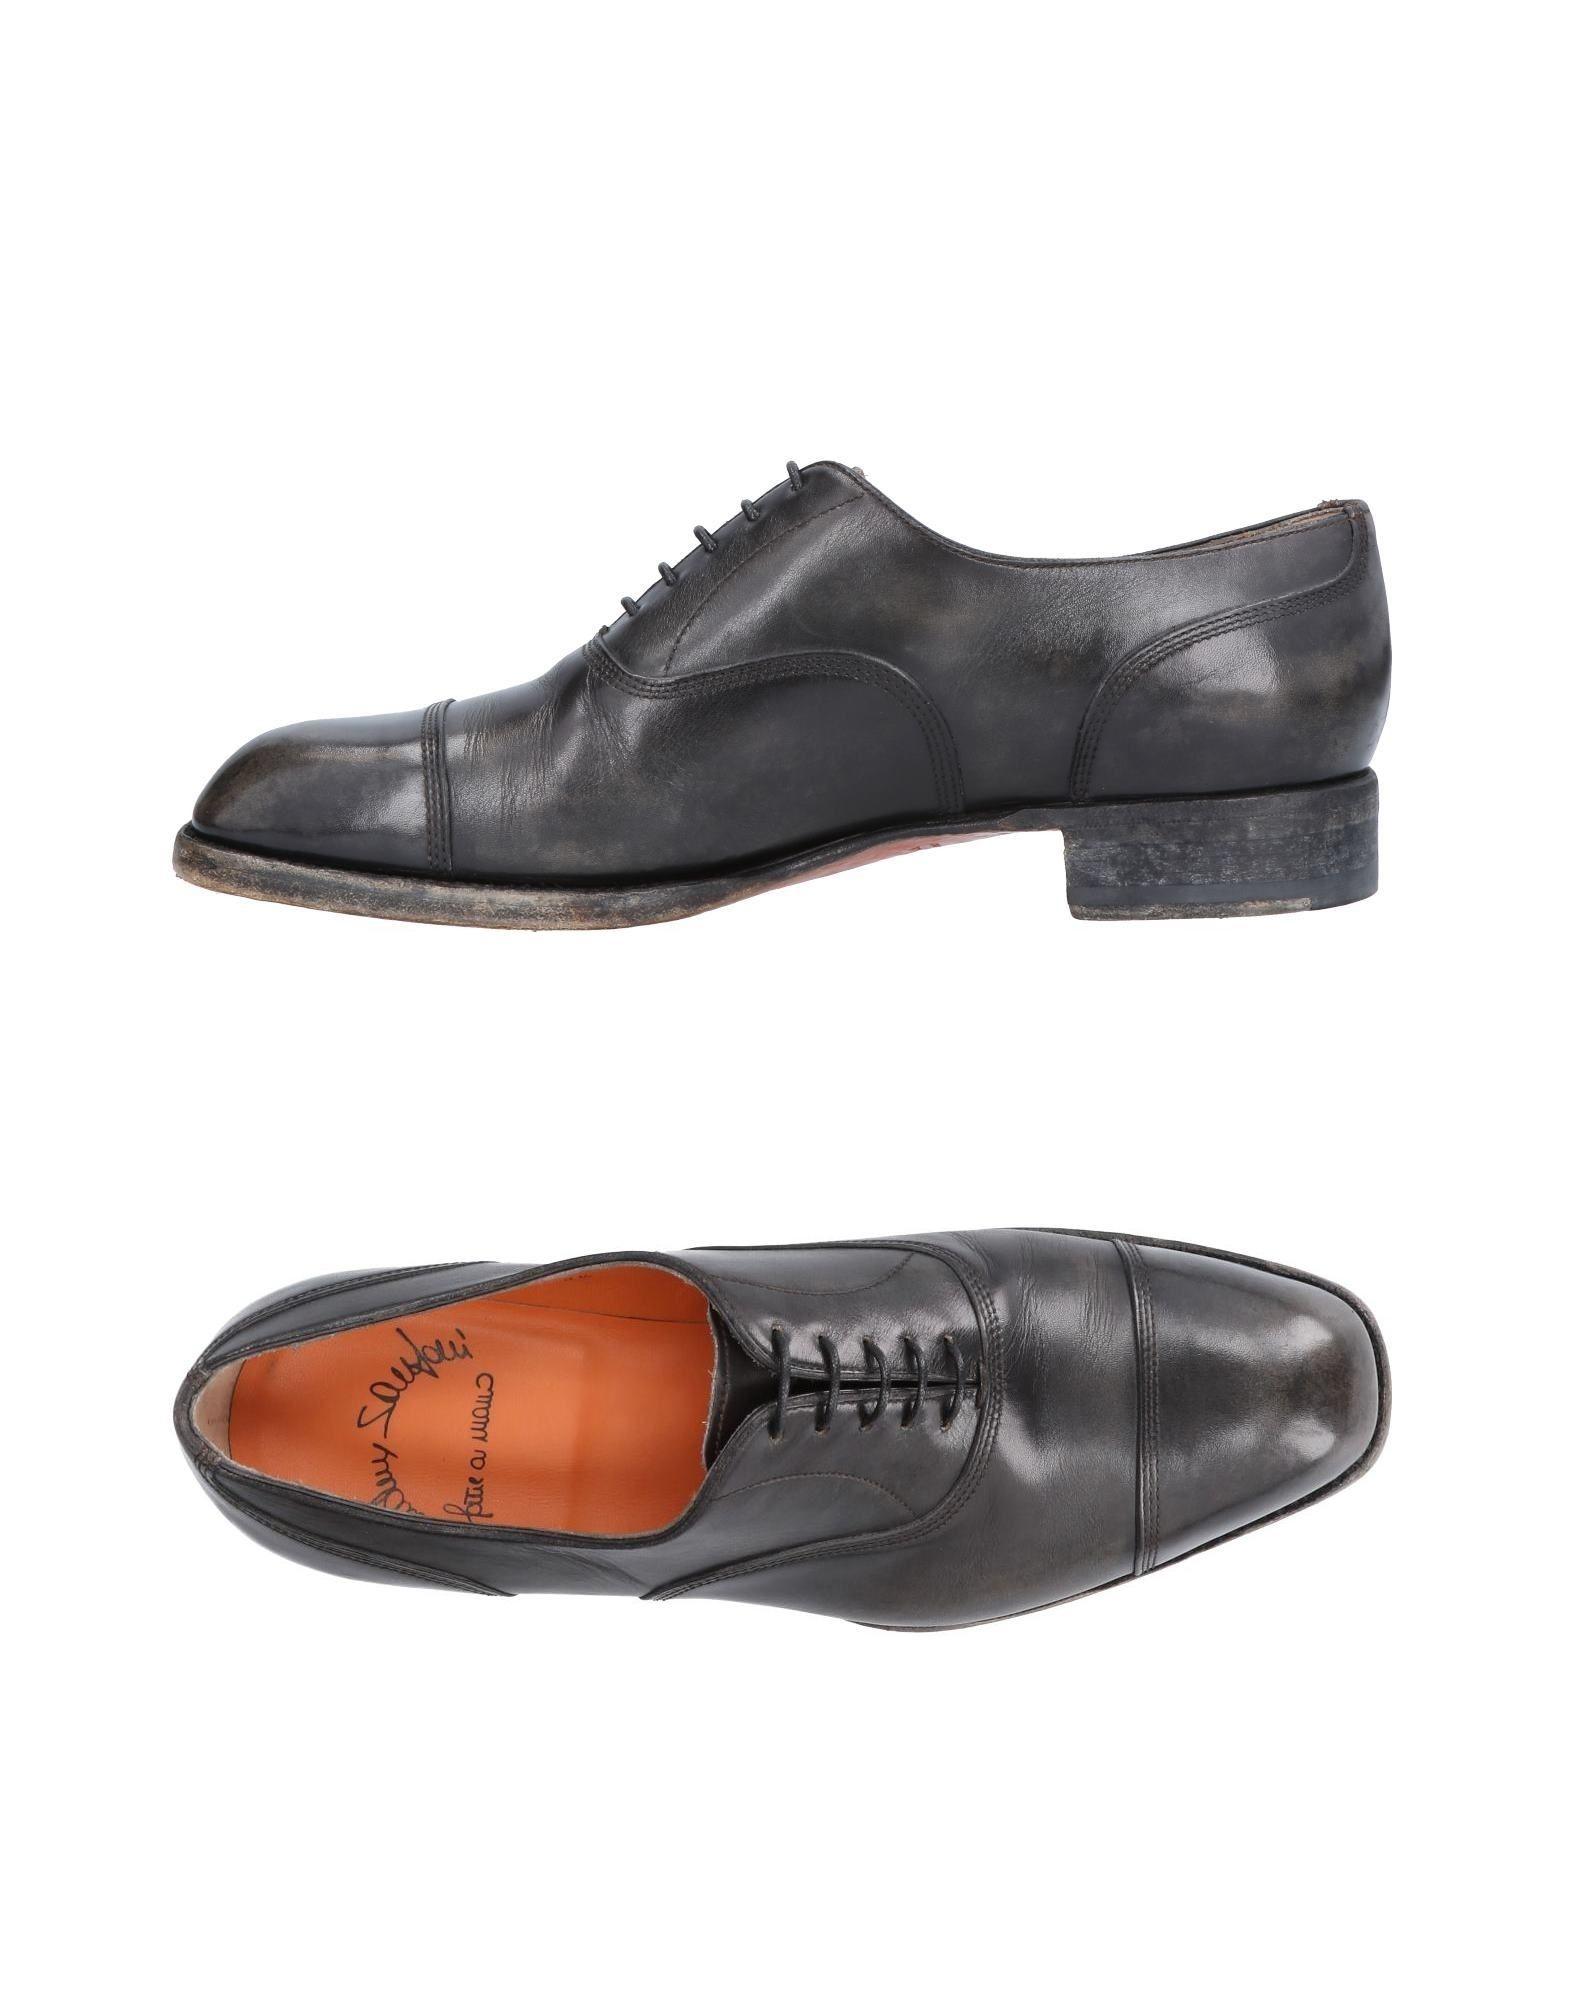 Santoni Schnürschuhe Herren  11488557TL Gute Qualität beliebte Schuhe